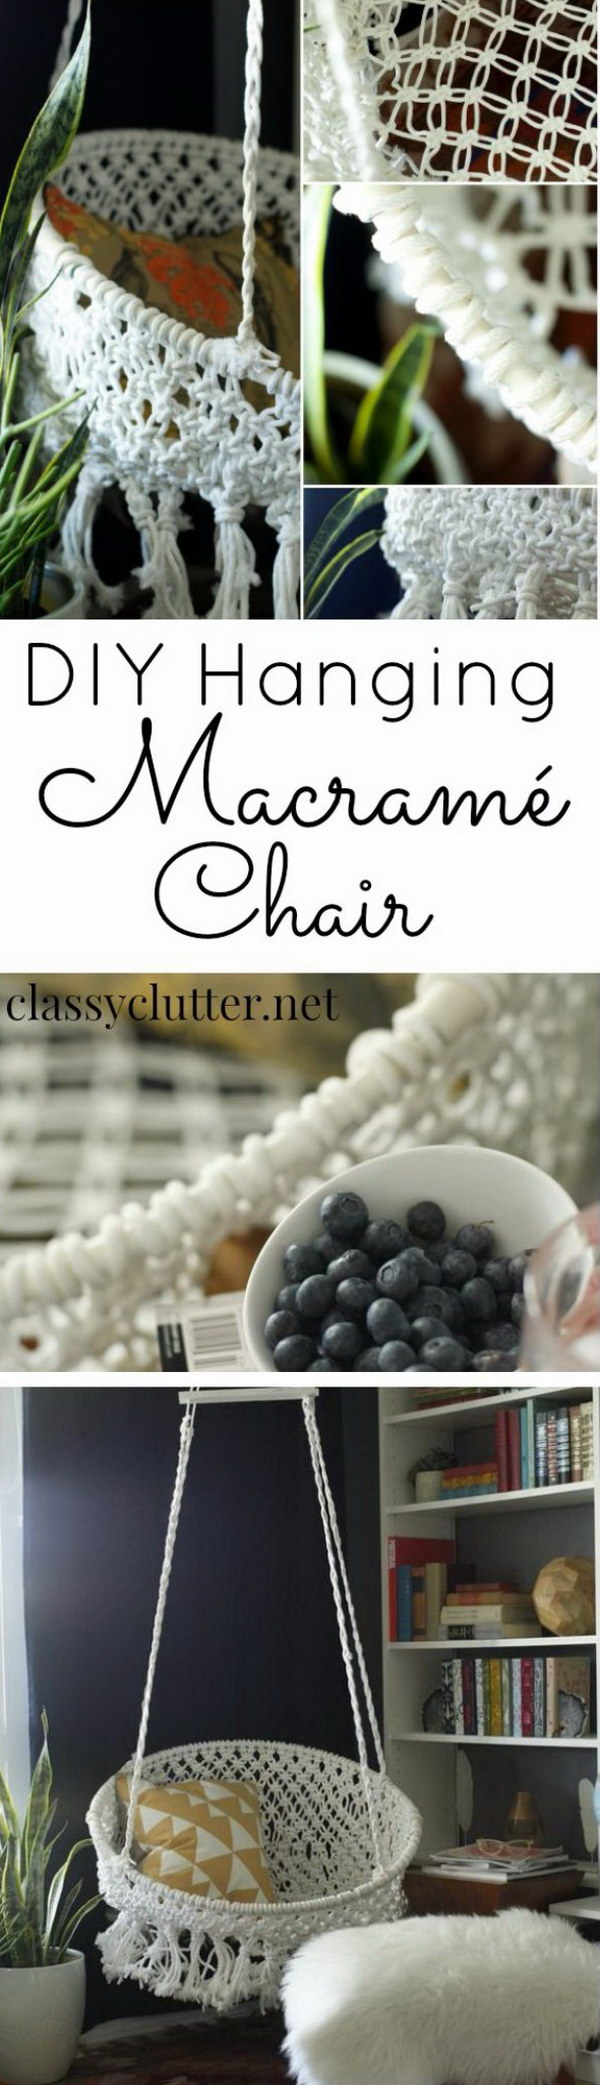 DIY Hanging Macrame Chair